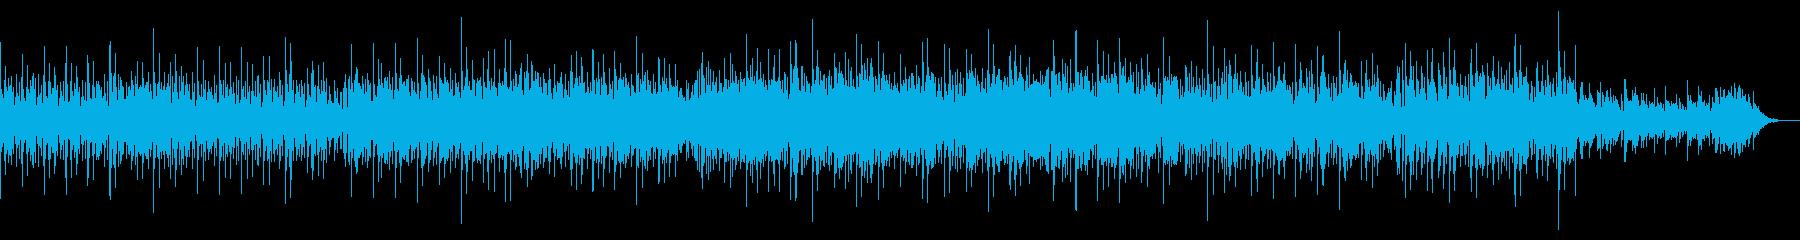 ノスタルジックな美しいテクノBGMの再生済みの波形